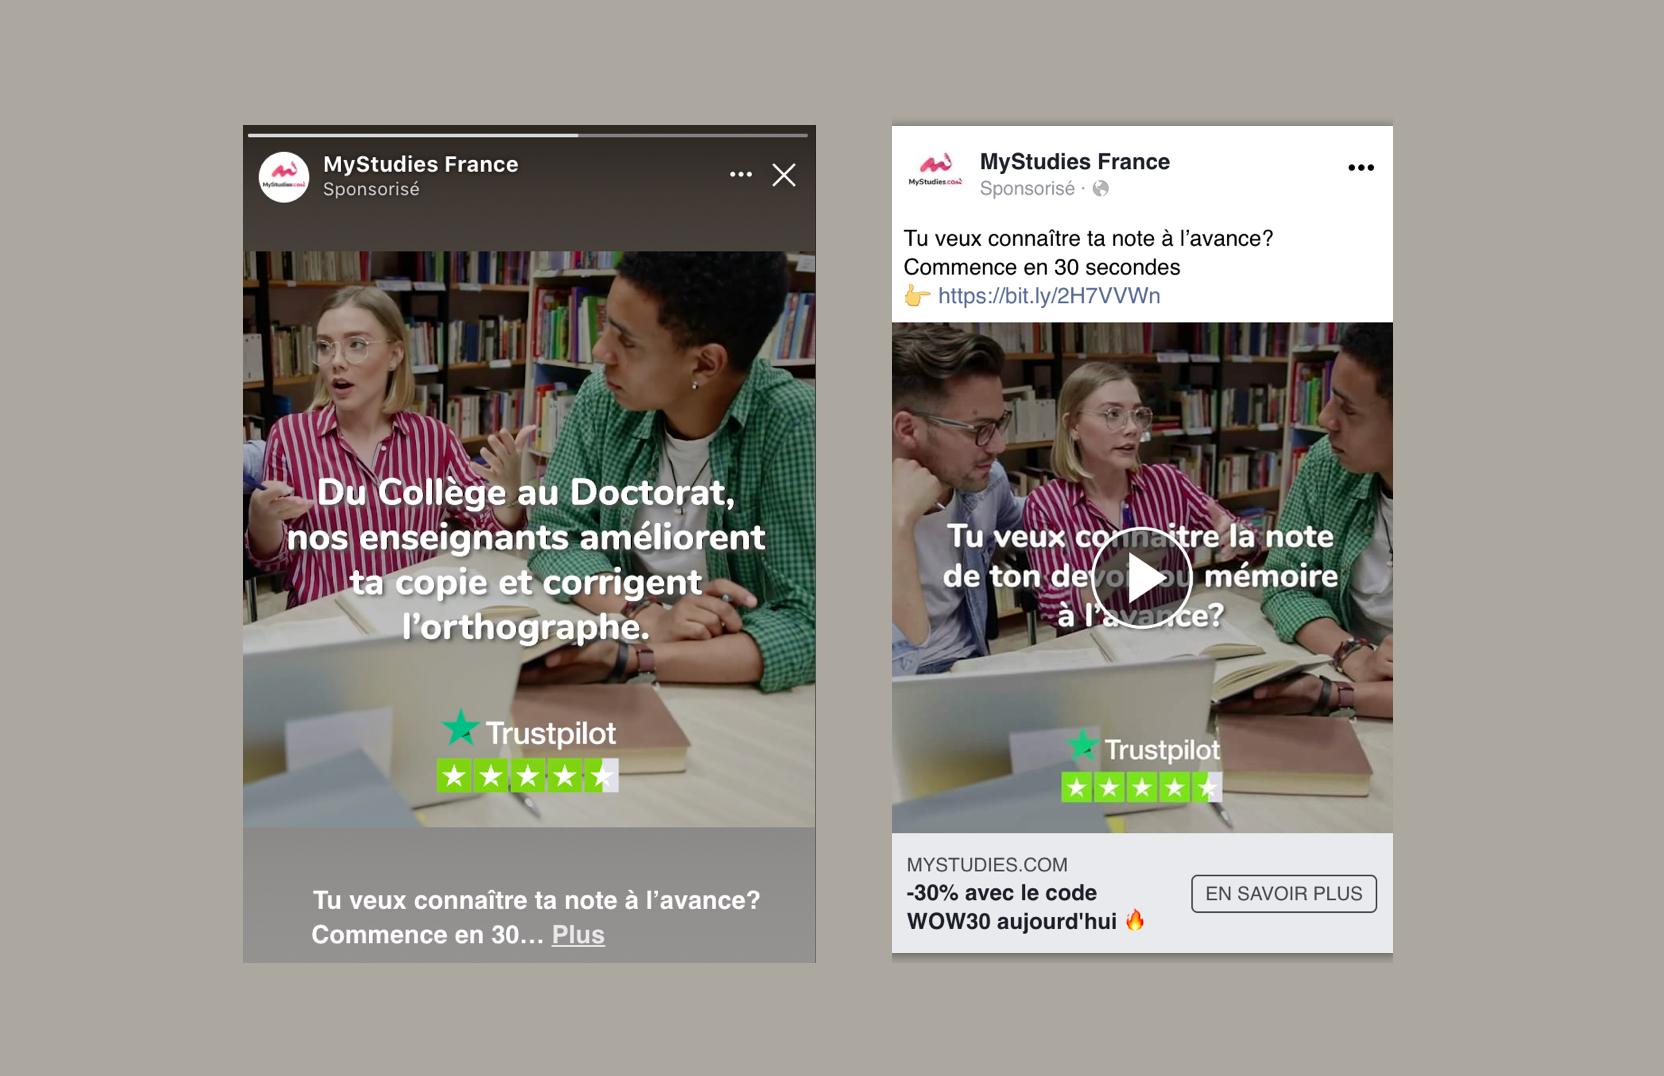 MYSTUDIES - Advertising Facebook/Instagram - Advertising